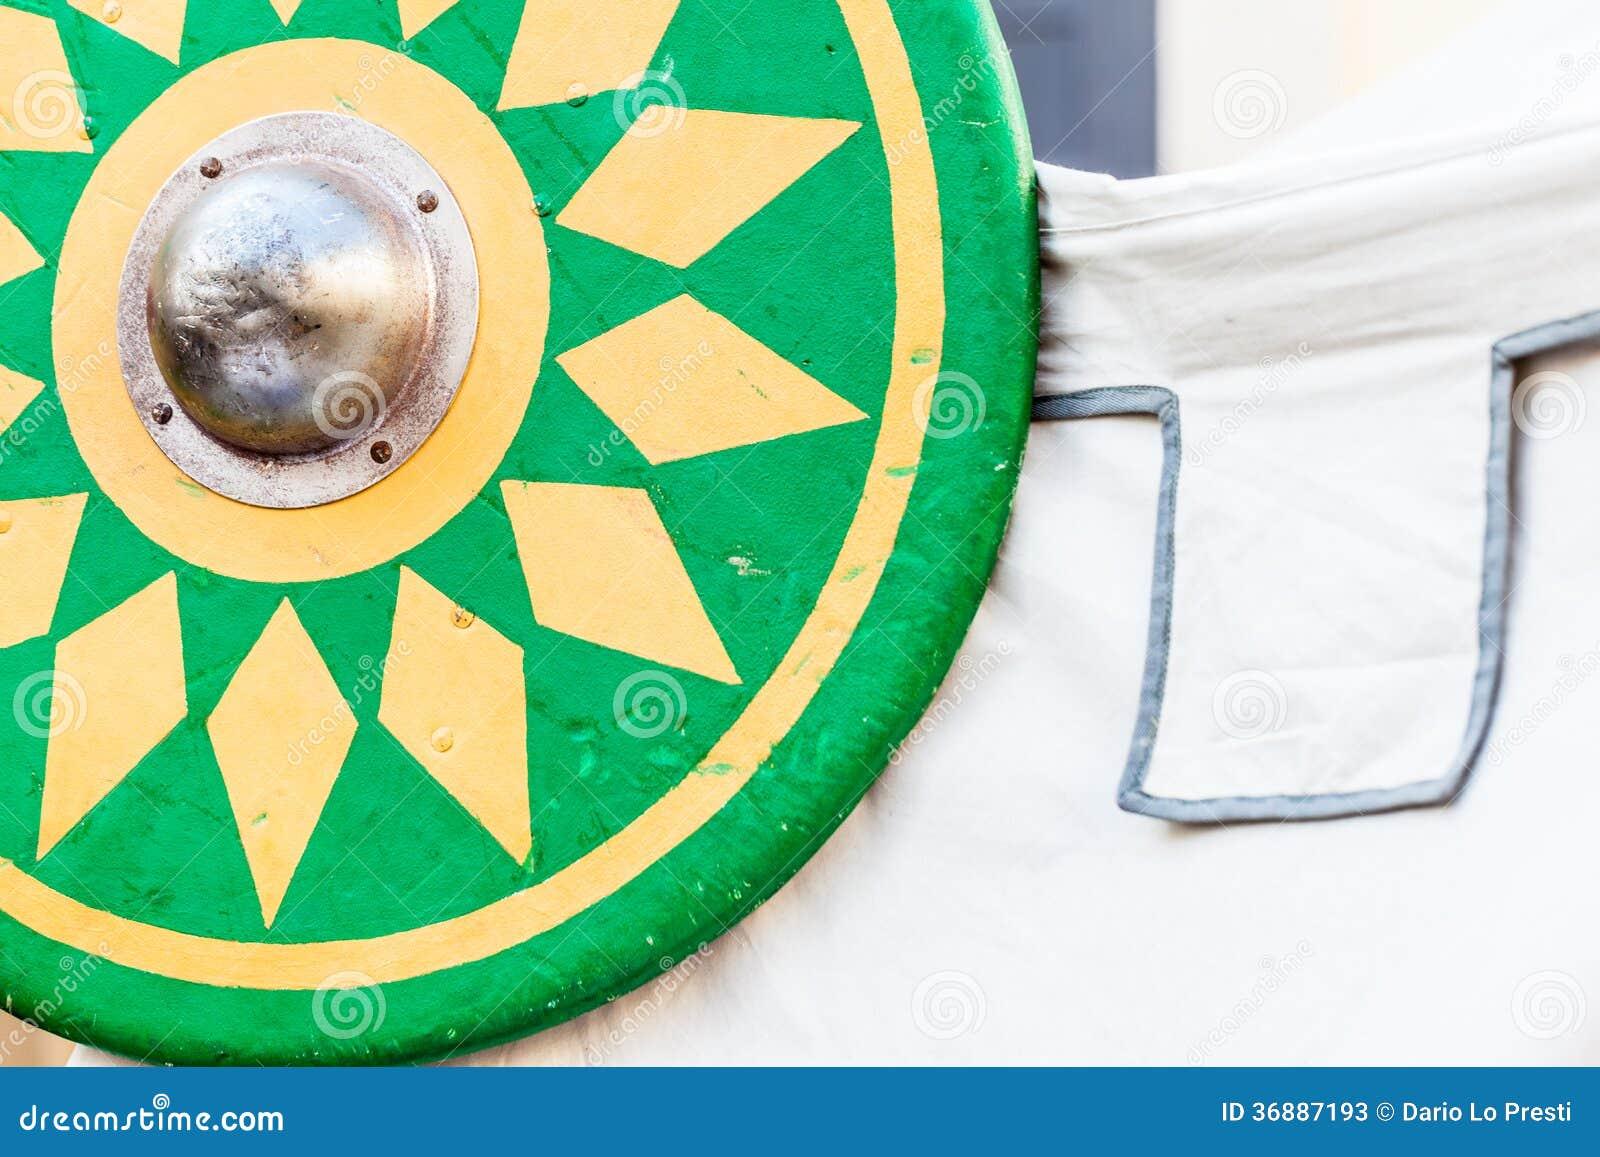 Download Schermo verde immagine stock. Immagine di modello, conflitto - 36887193